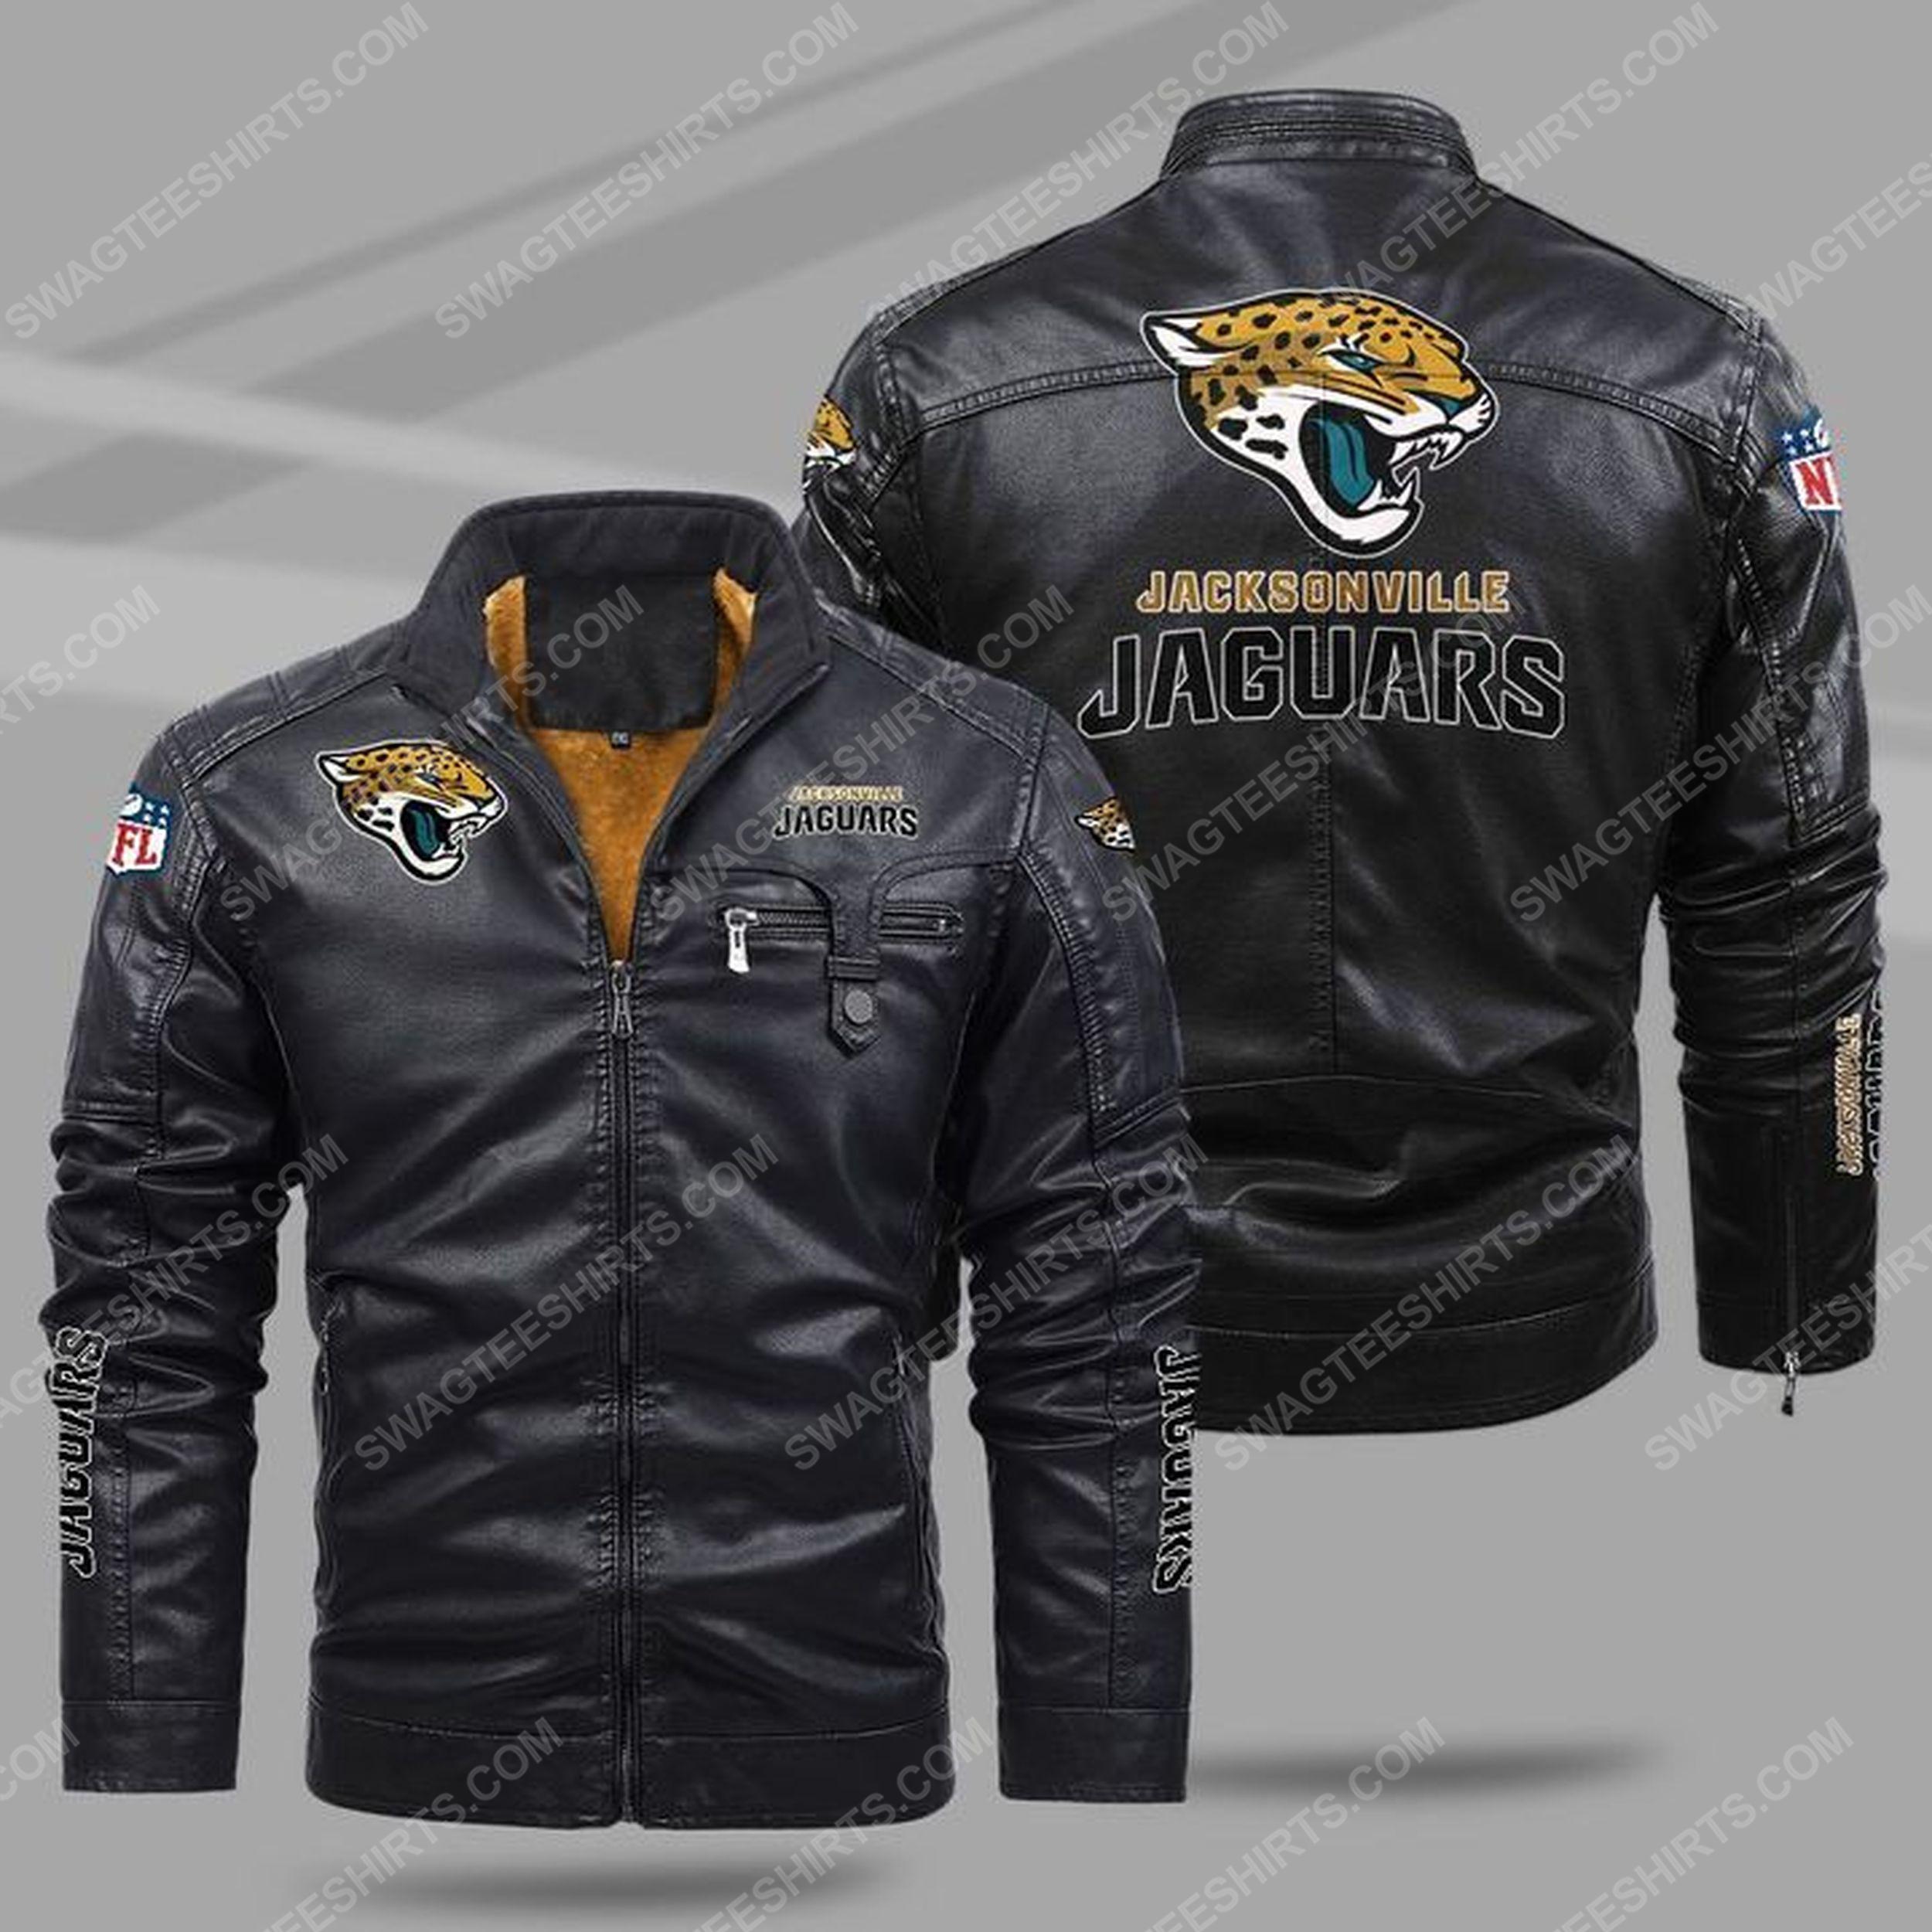 The jacksonville jaguars nfl all over print fleece leather jacket - black 1